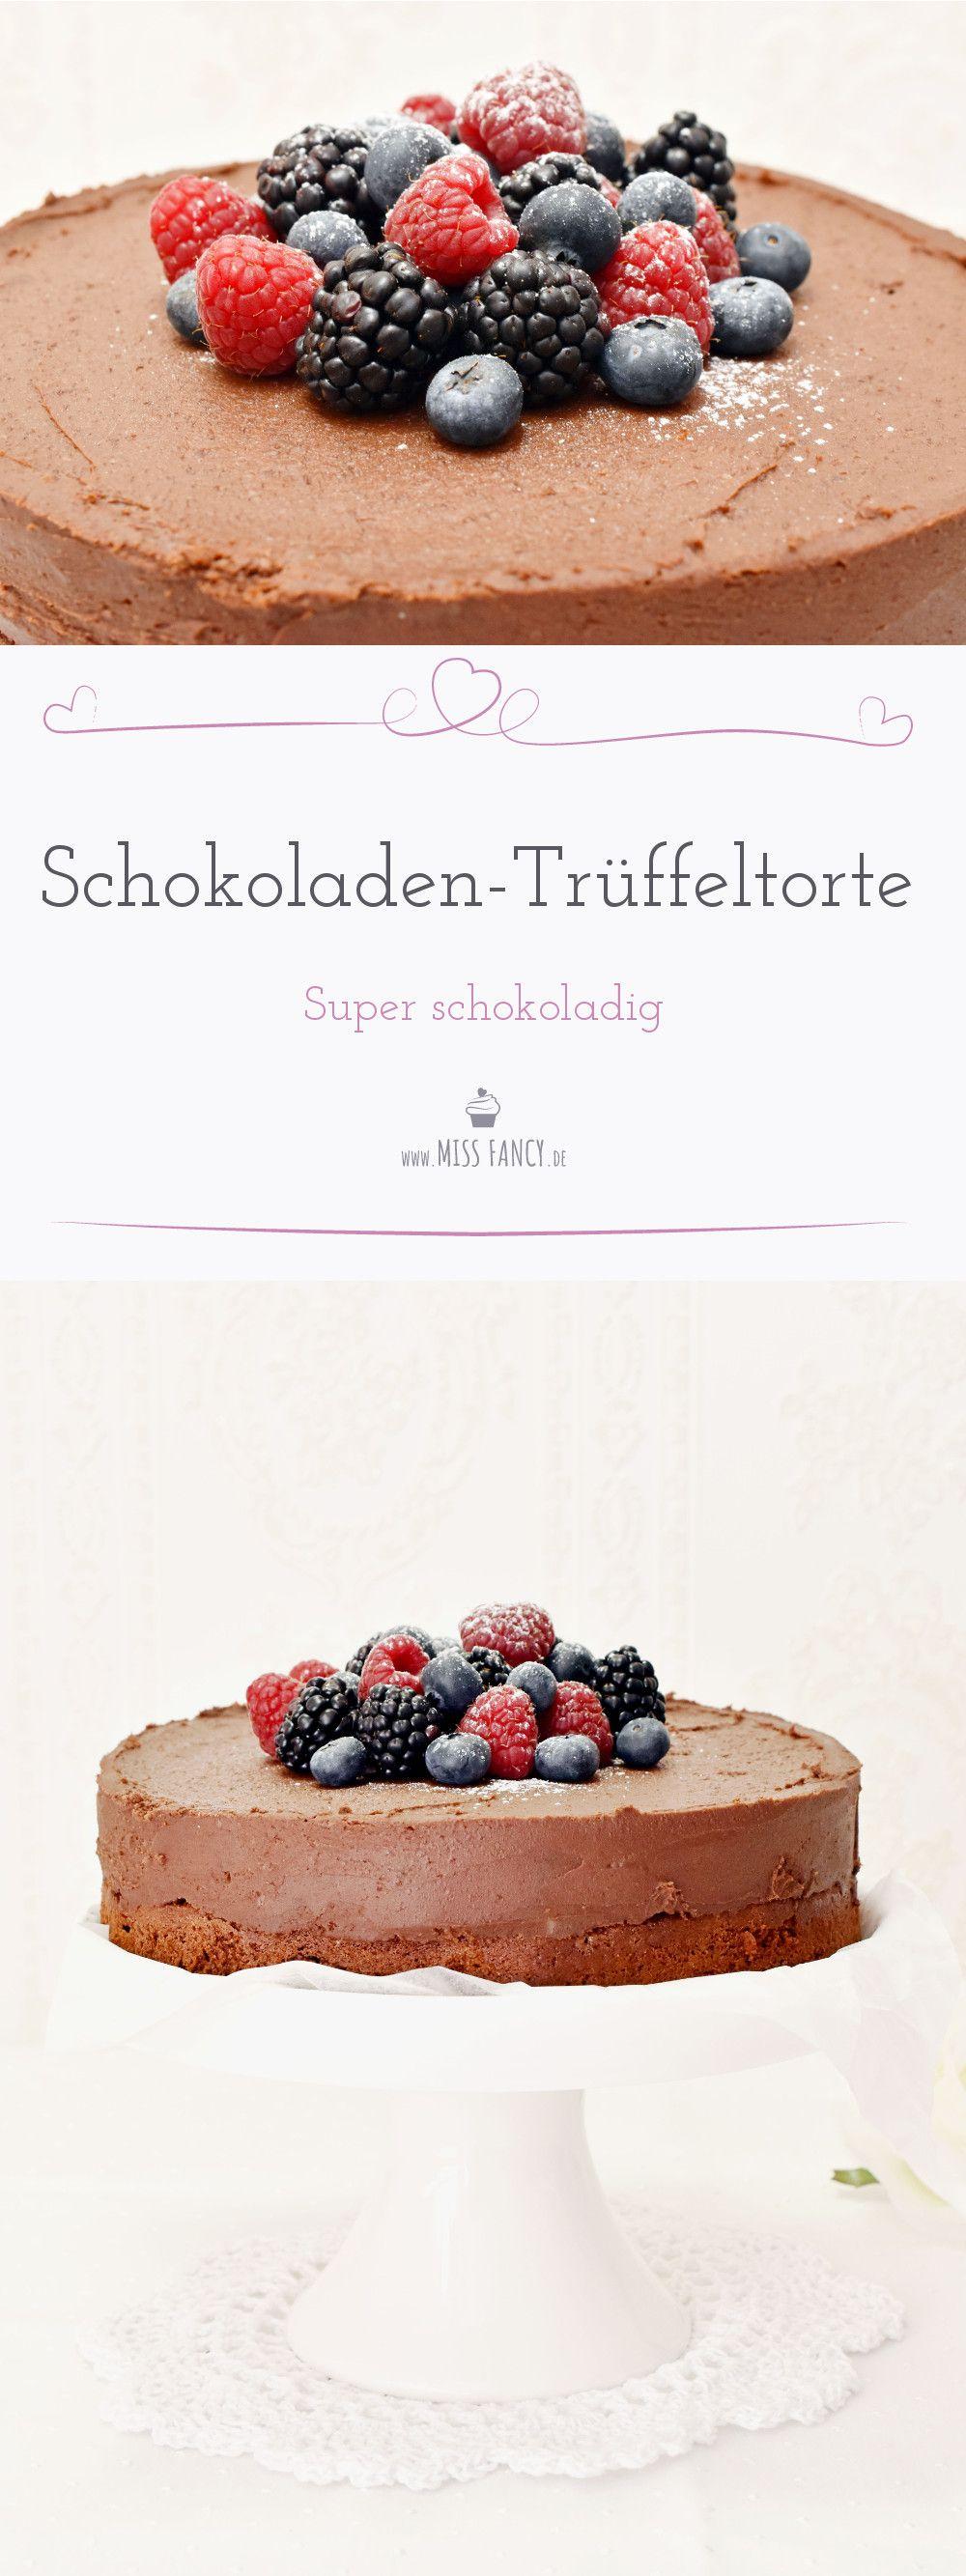 Für alle Schokoladenjunkies Schoko Rumtrüffel Torte